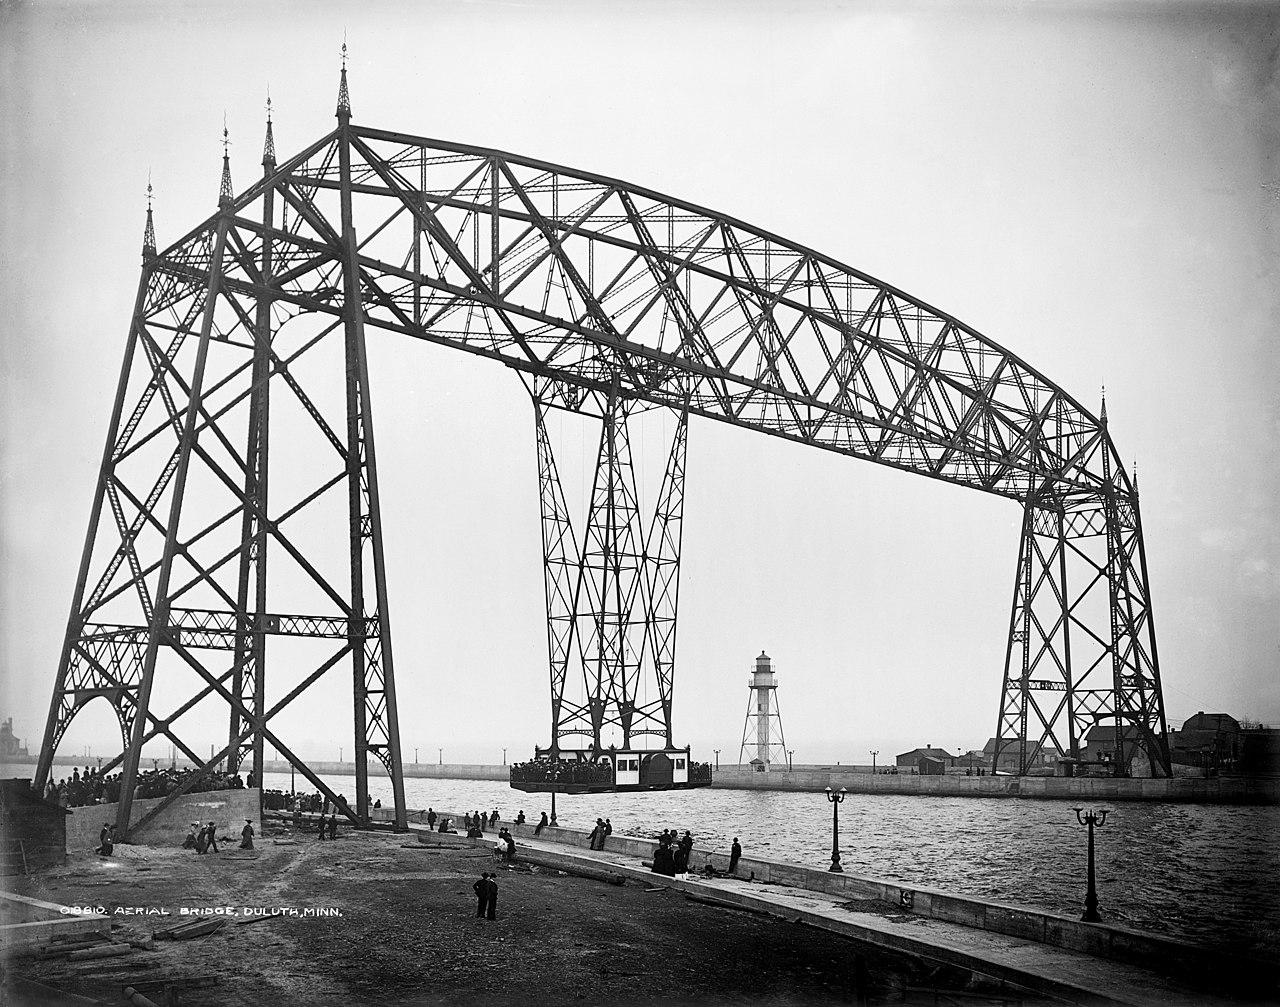 1280px-Aerial_Bridge,_Duluth,_Minnesota,